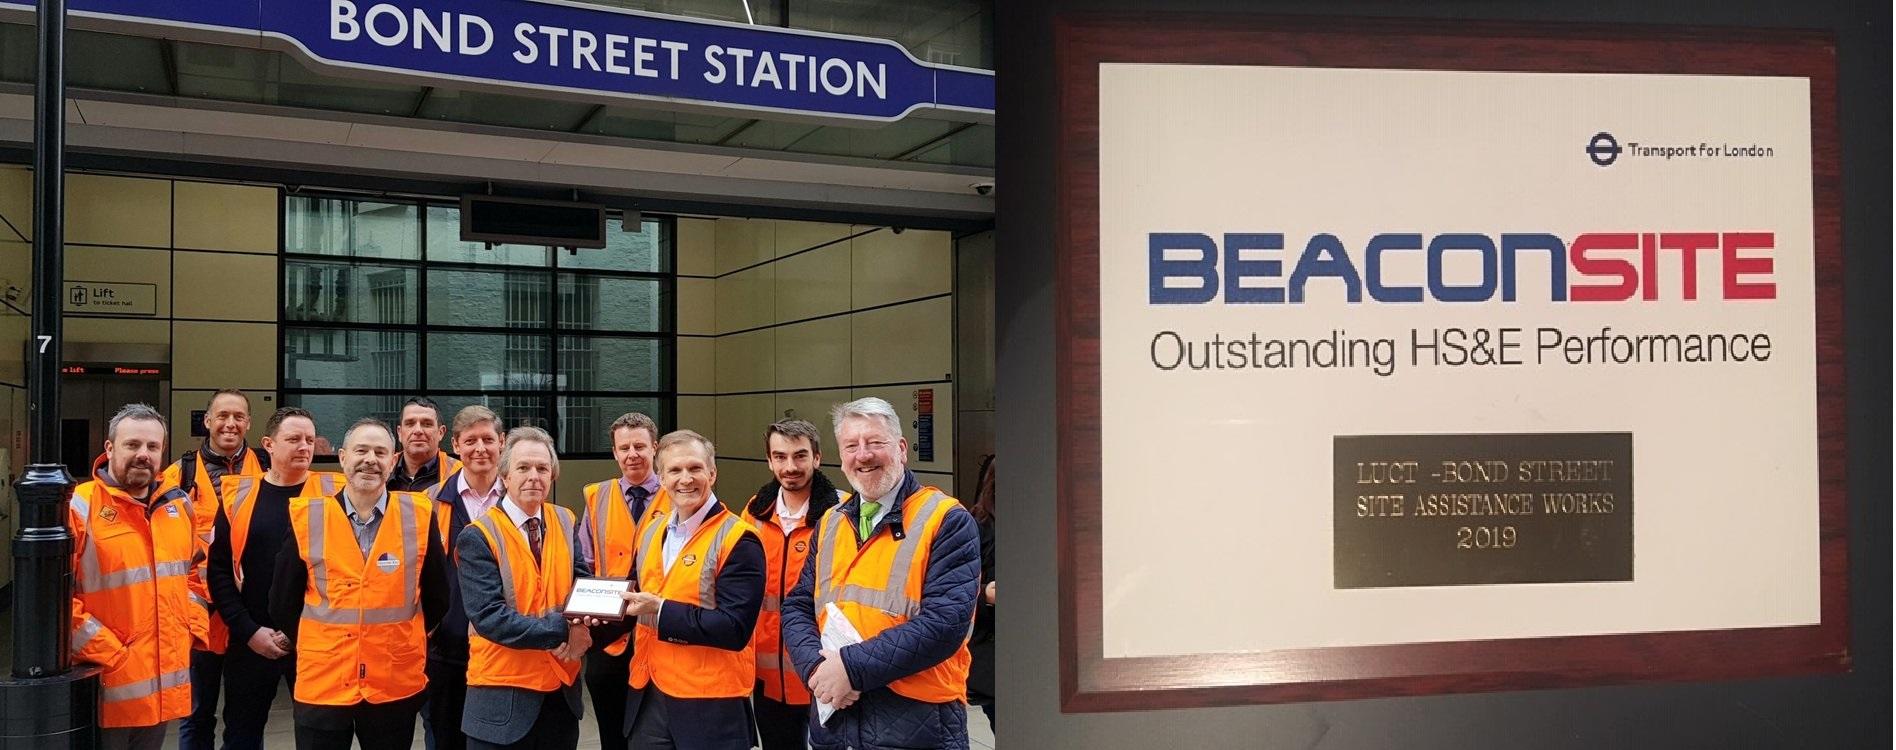 Bond Street SAW awarded BEACON Status!